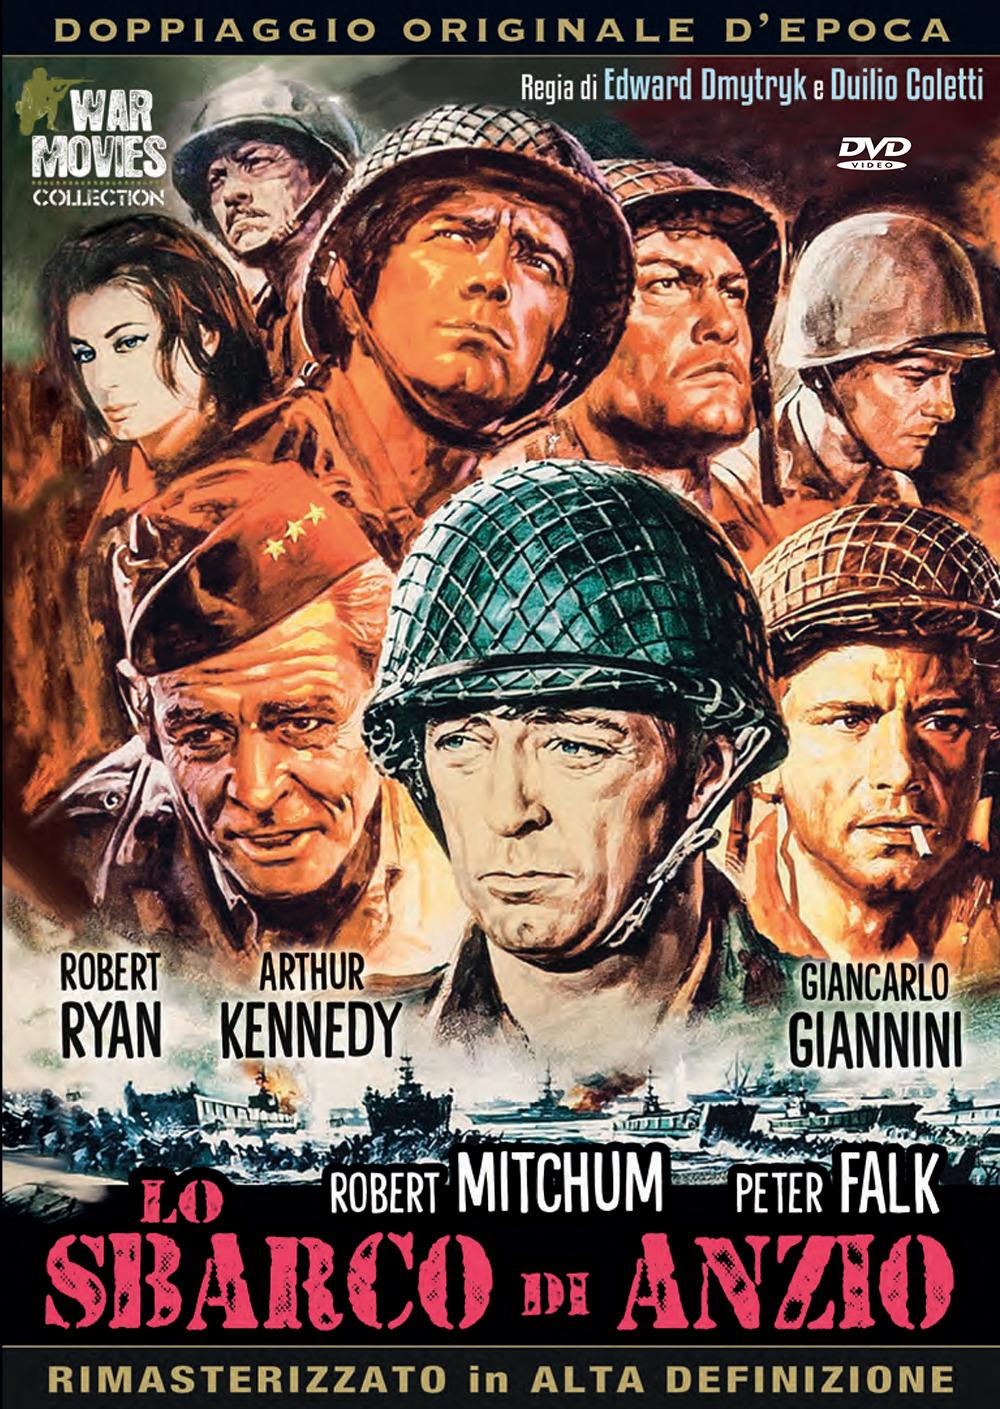 LO SBARCO DI ANZIO (DVD)